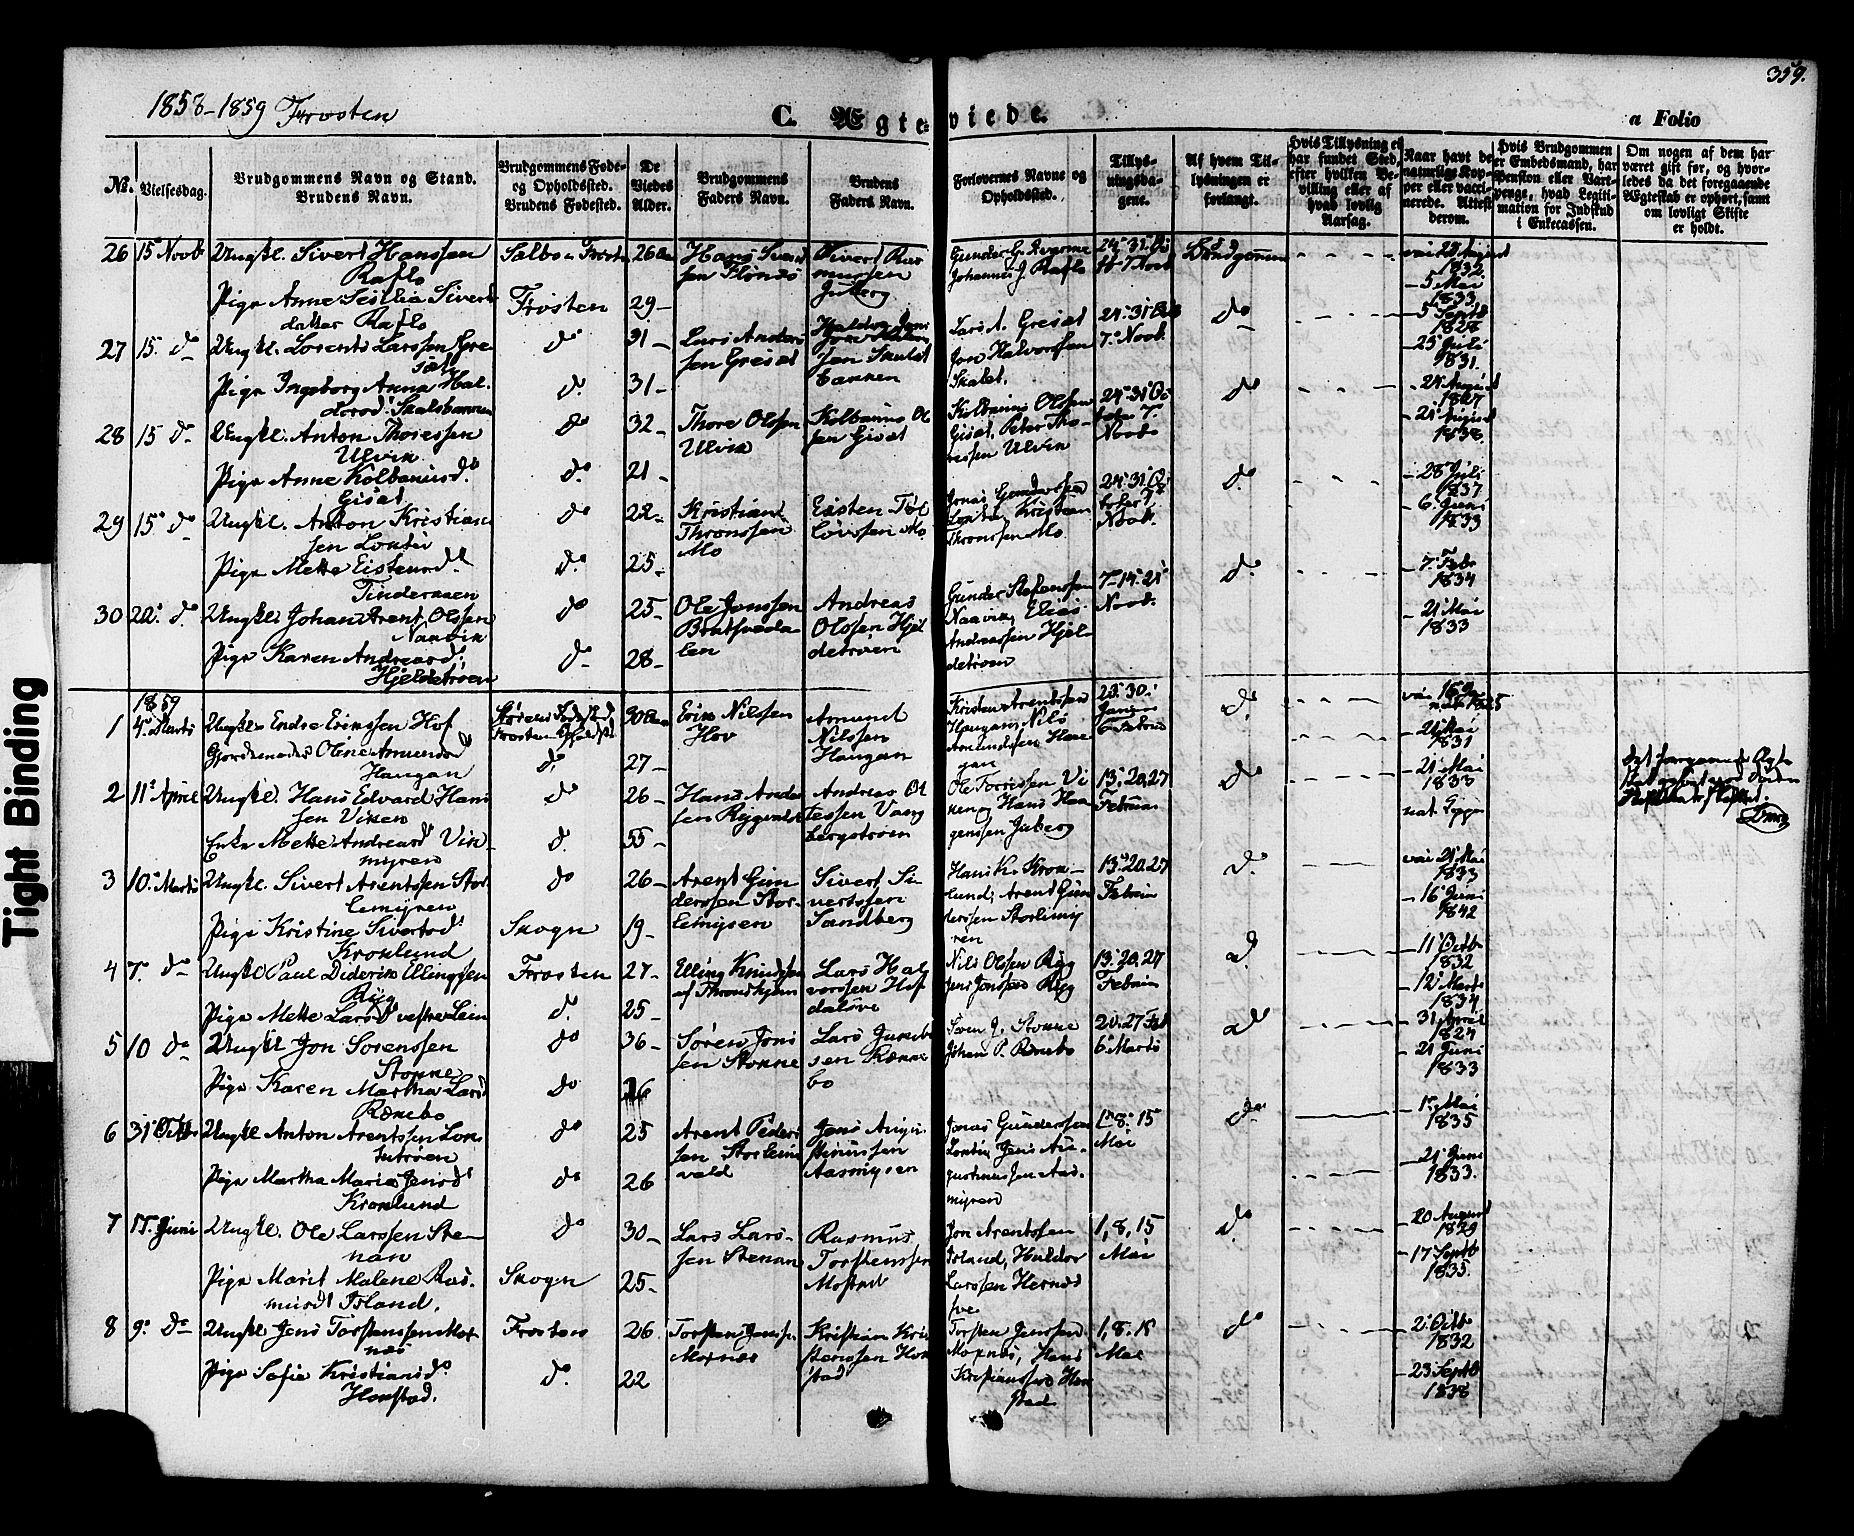 SAT, Ministerialprotokoller, klokkerbøker og fødselsregistre - Nord-Trøndelag, 713/L0116: Ministerialbok nr. 713A07 /1, 1850-1877, s. 359